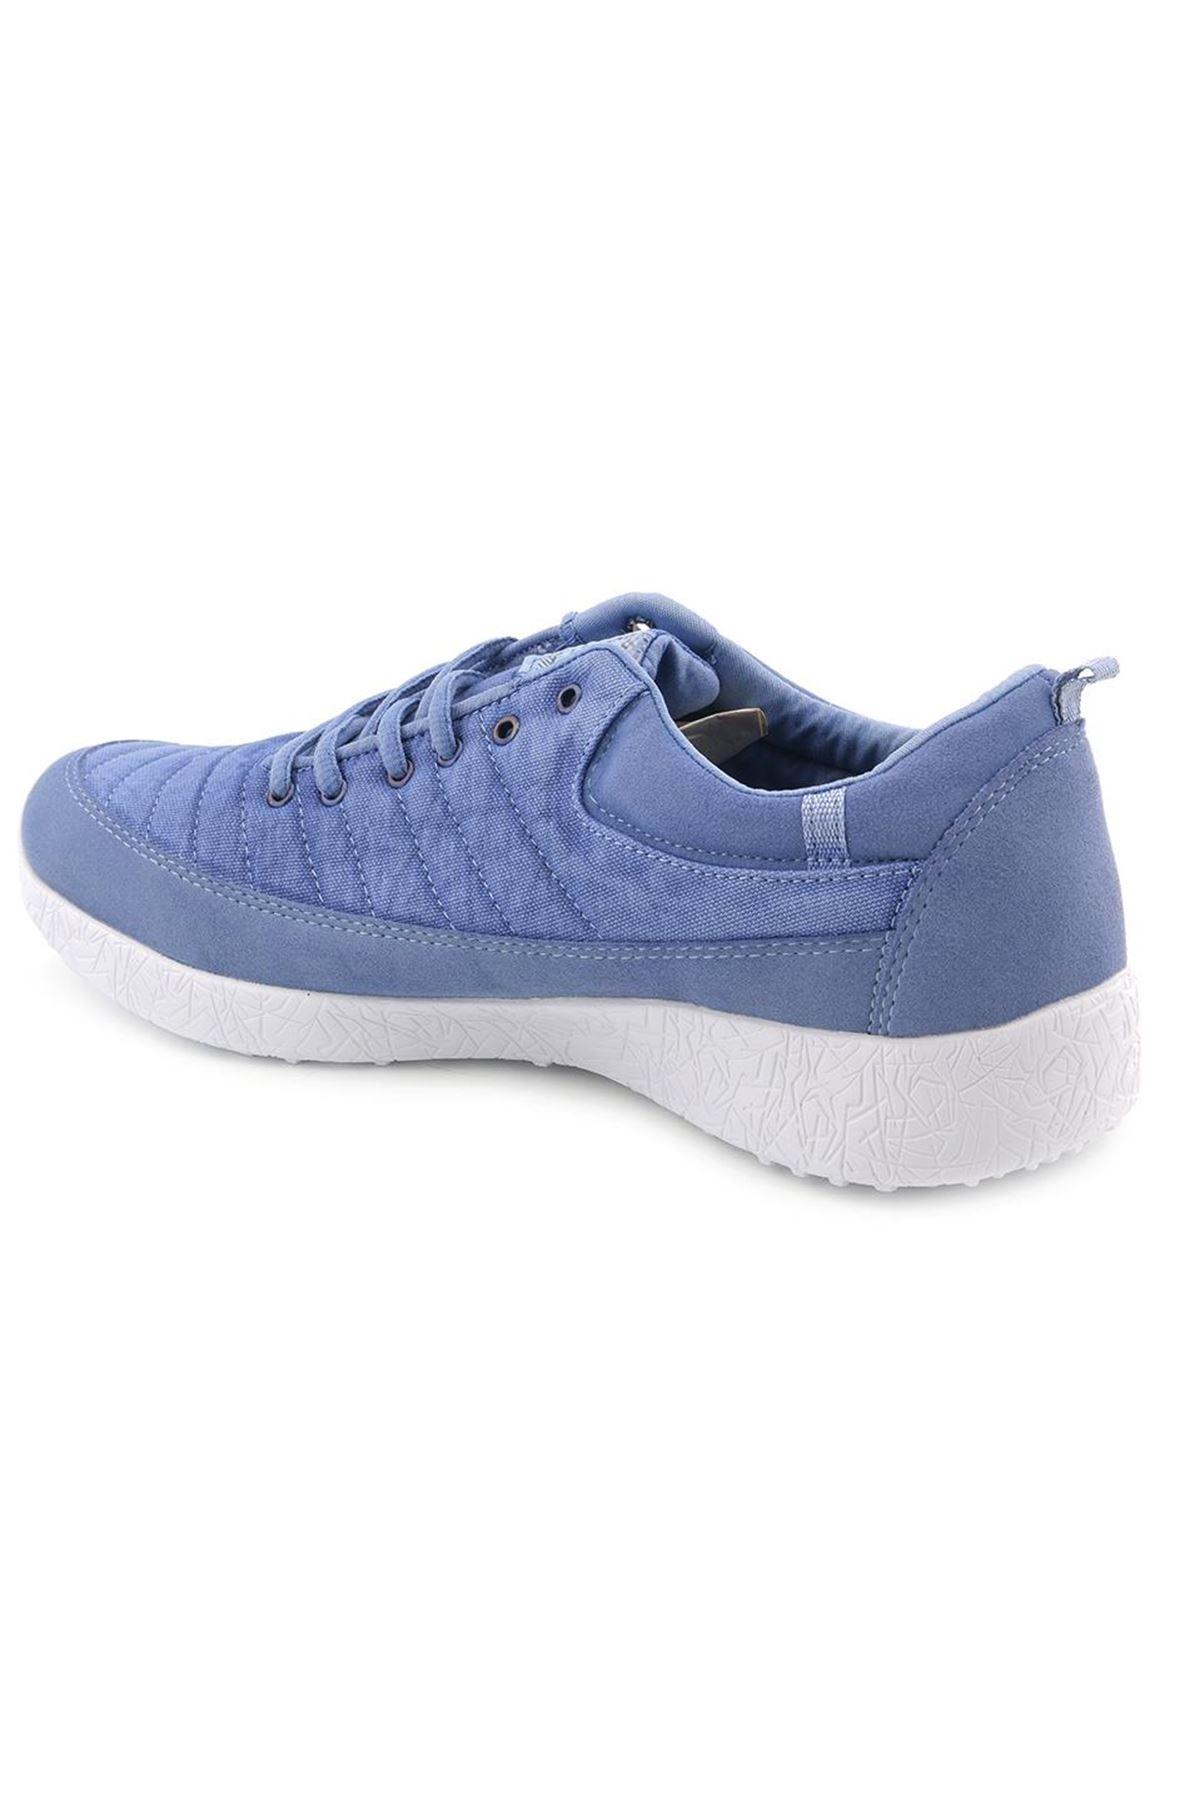 Lady W304-1 Taşlı Yazlık Günlük Kadın Spor Ayakkabı